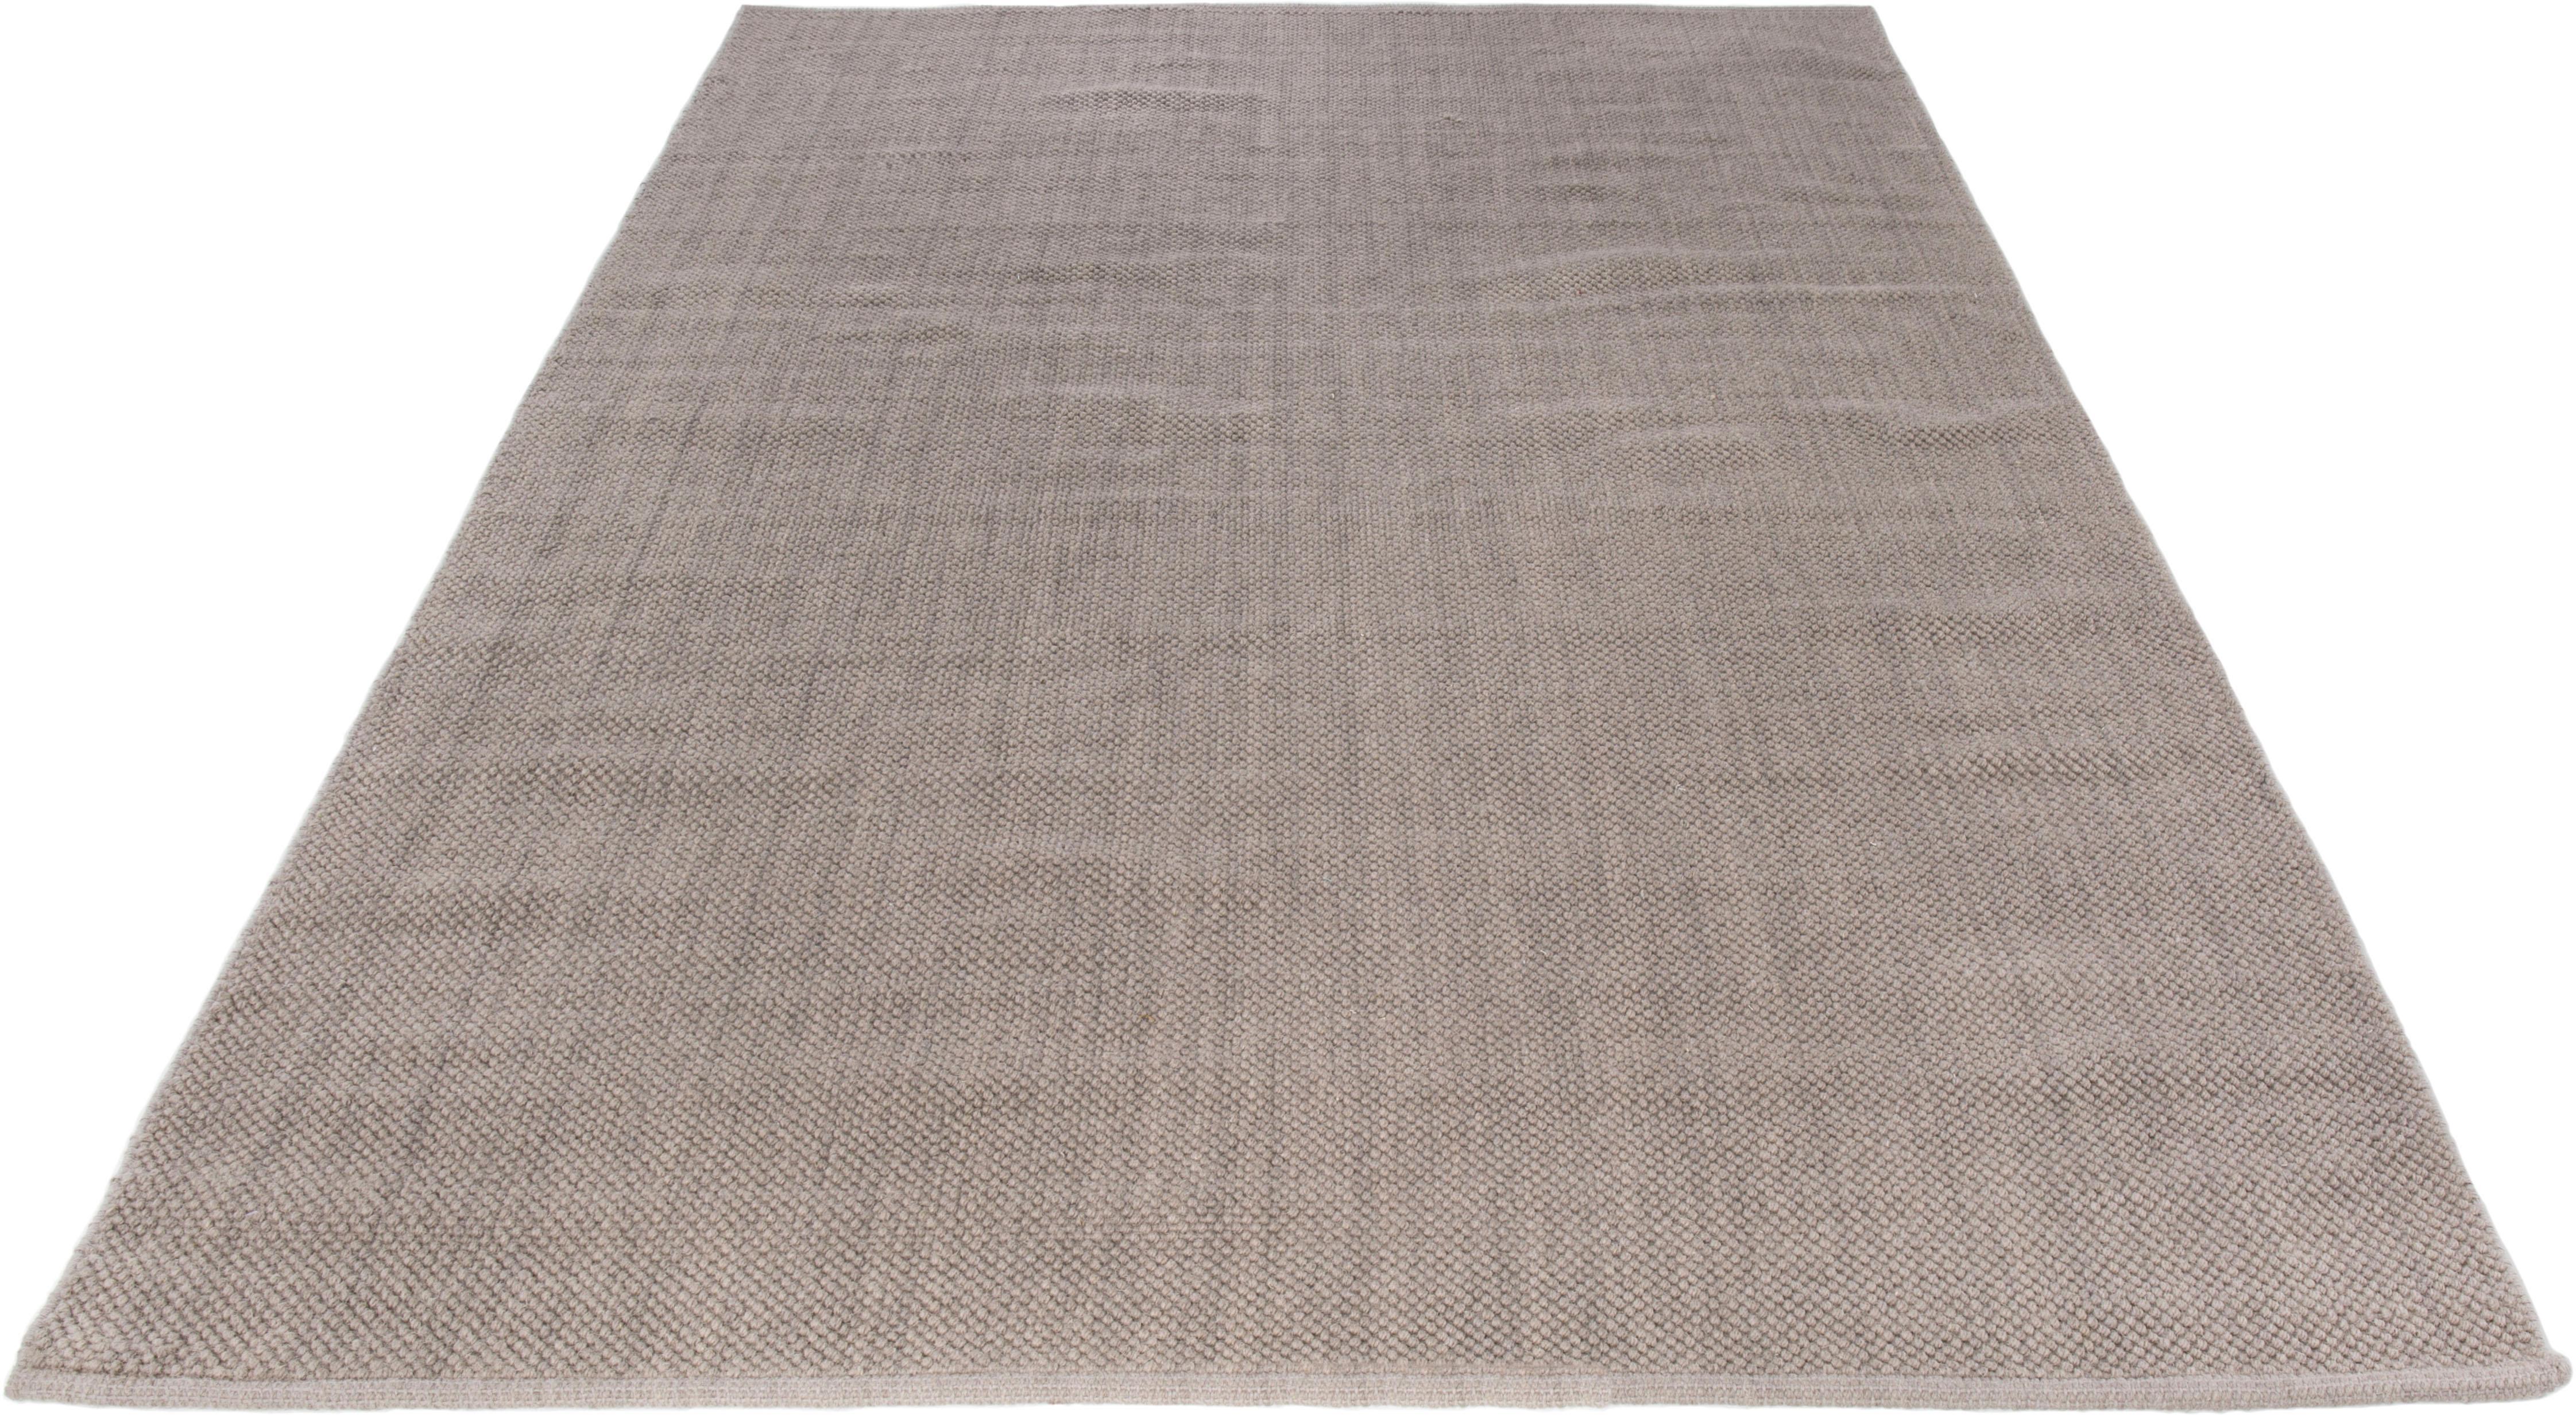 Teppich Jasper Wohnidee rechteckig Höhe 8 mm handgewebt